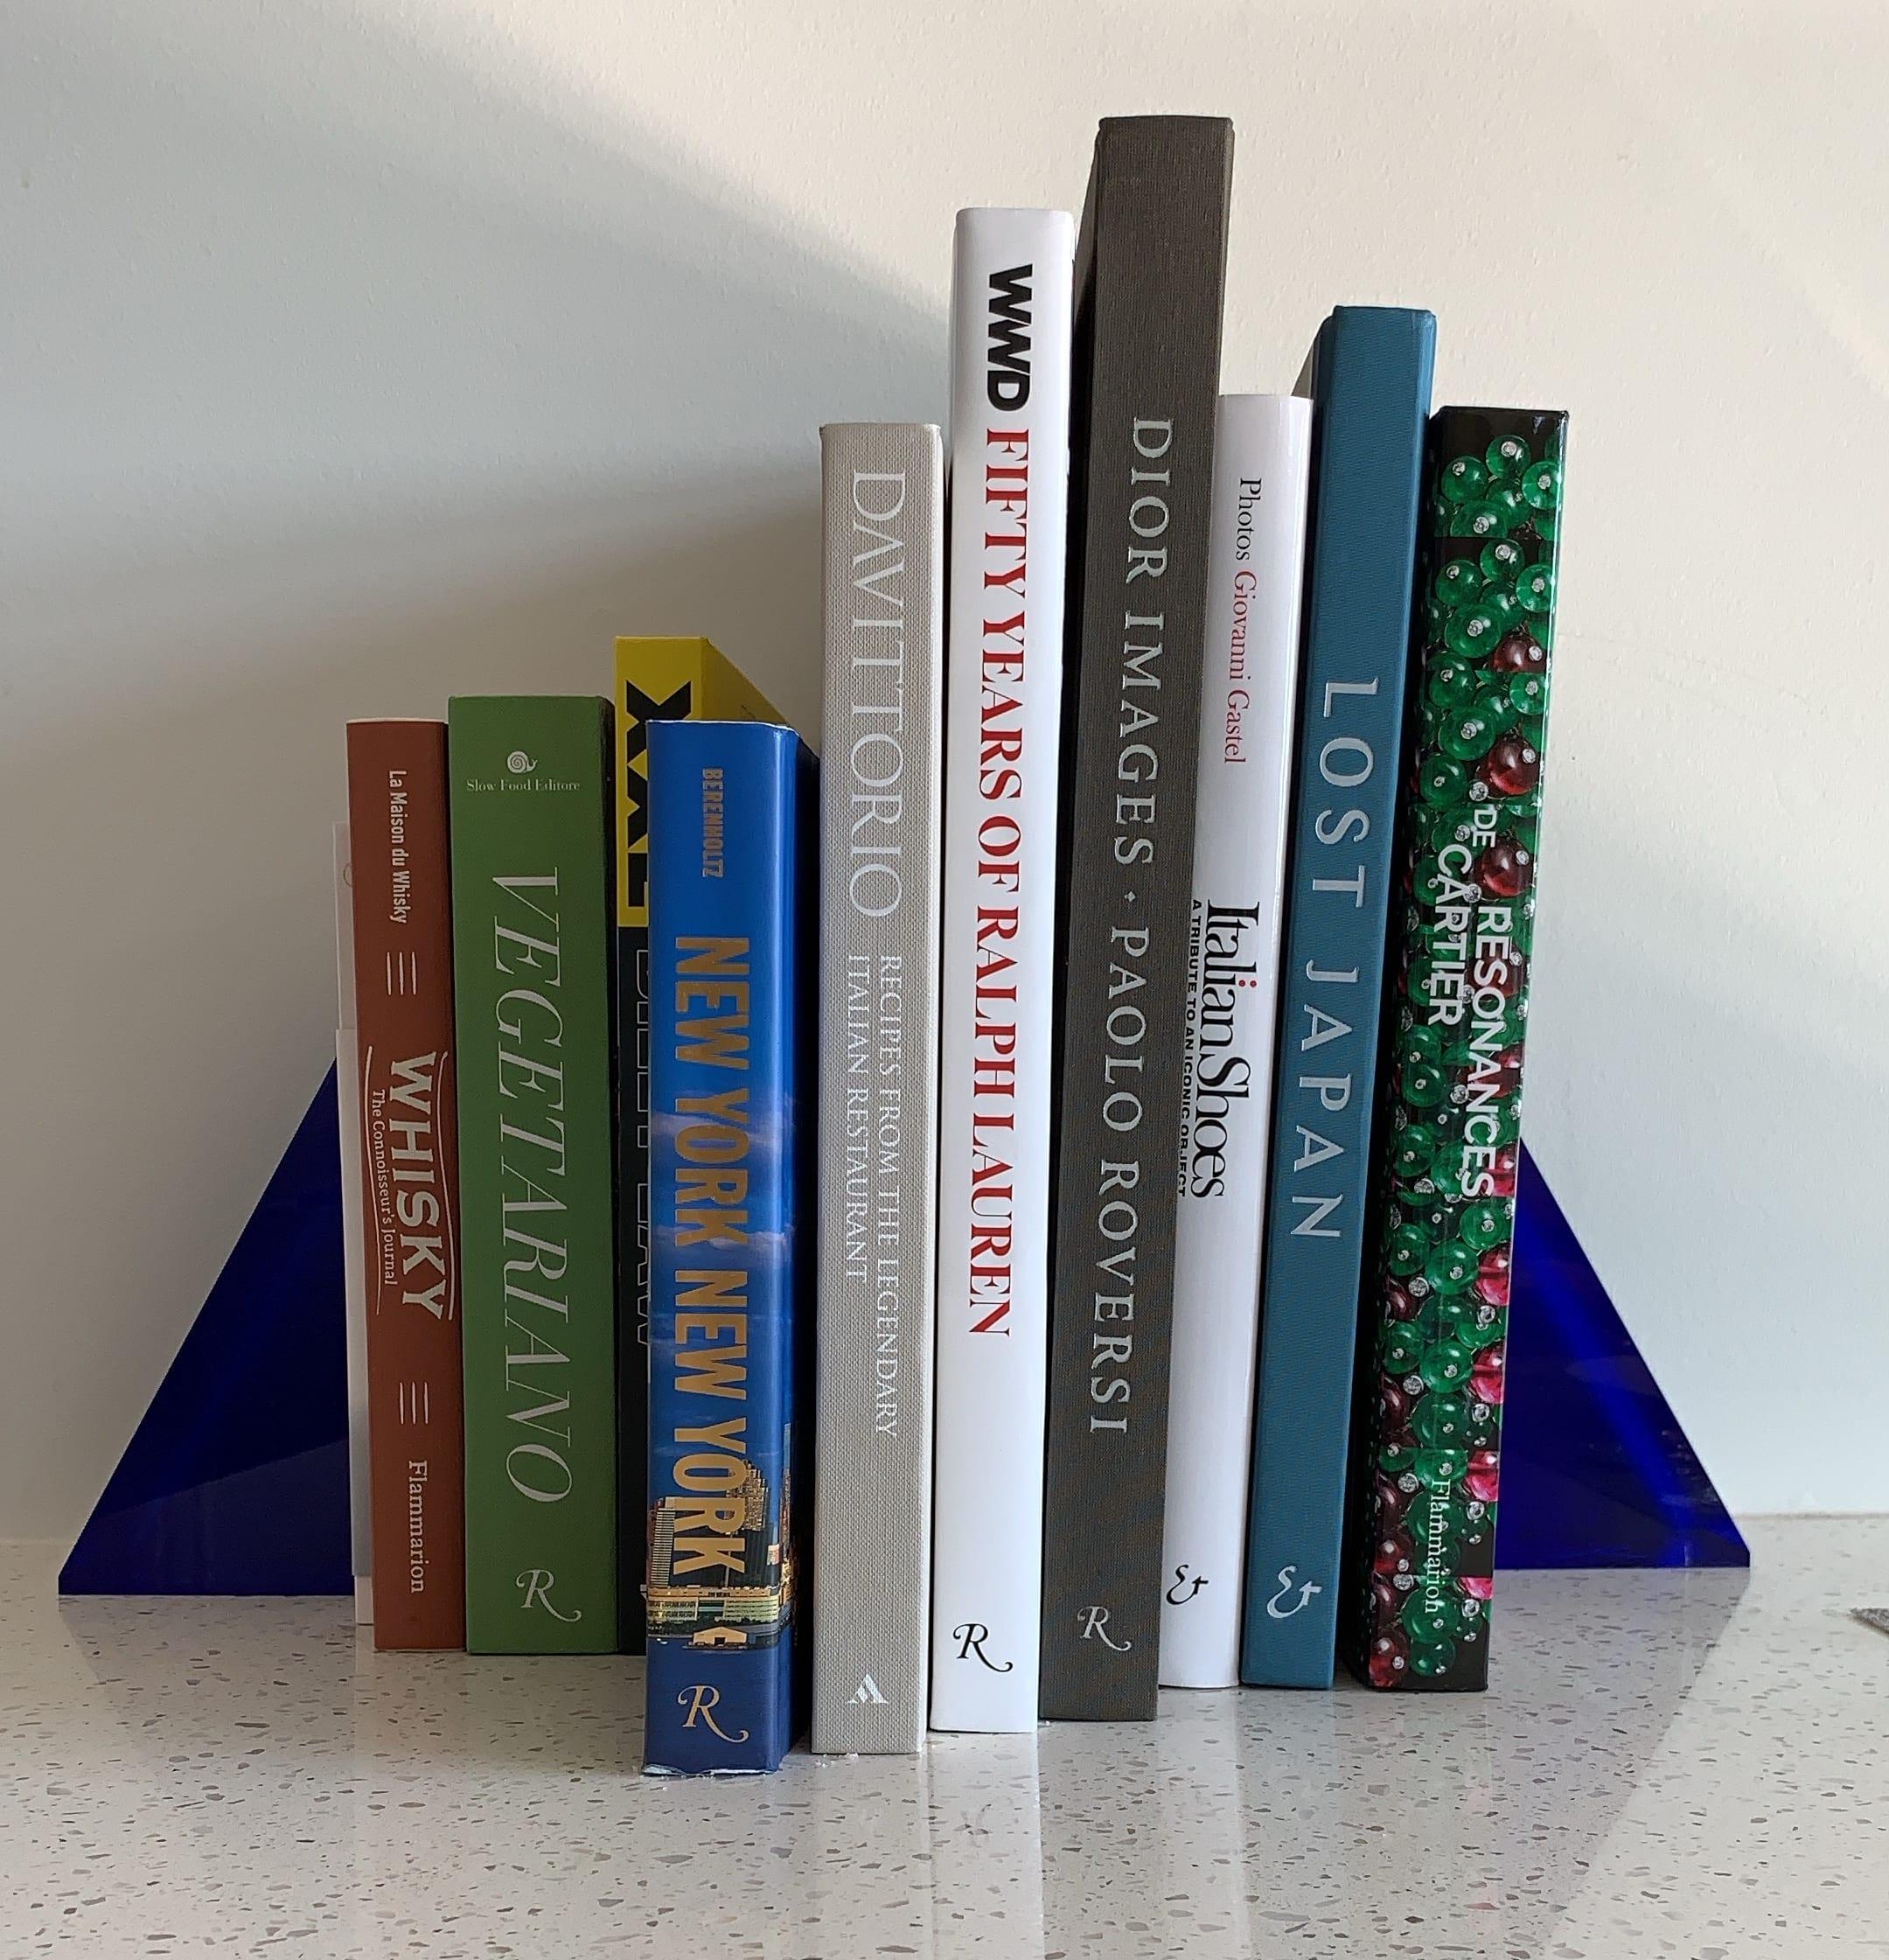 A Ma Maniere (Books)